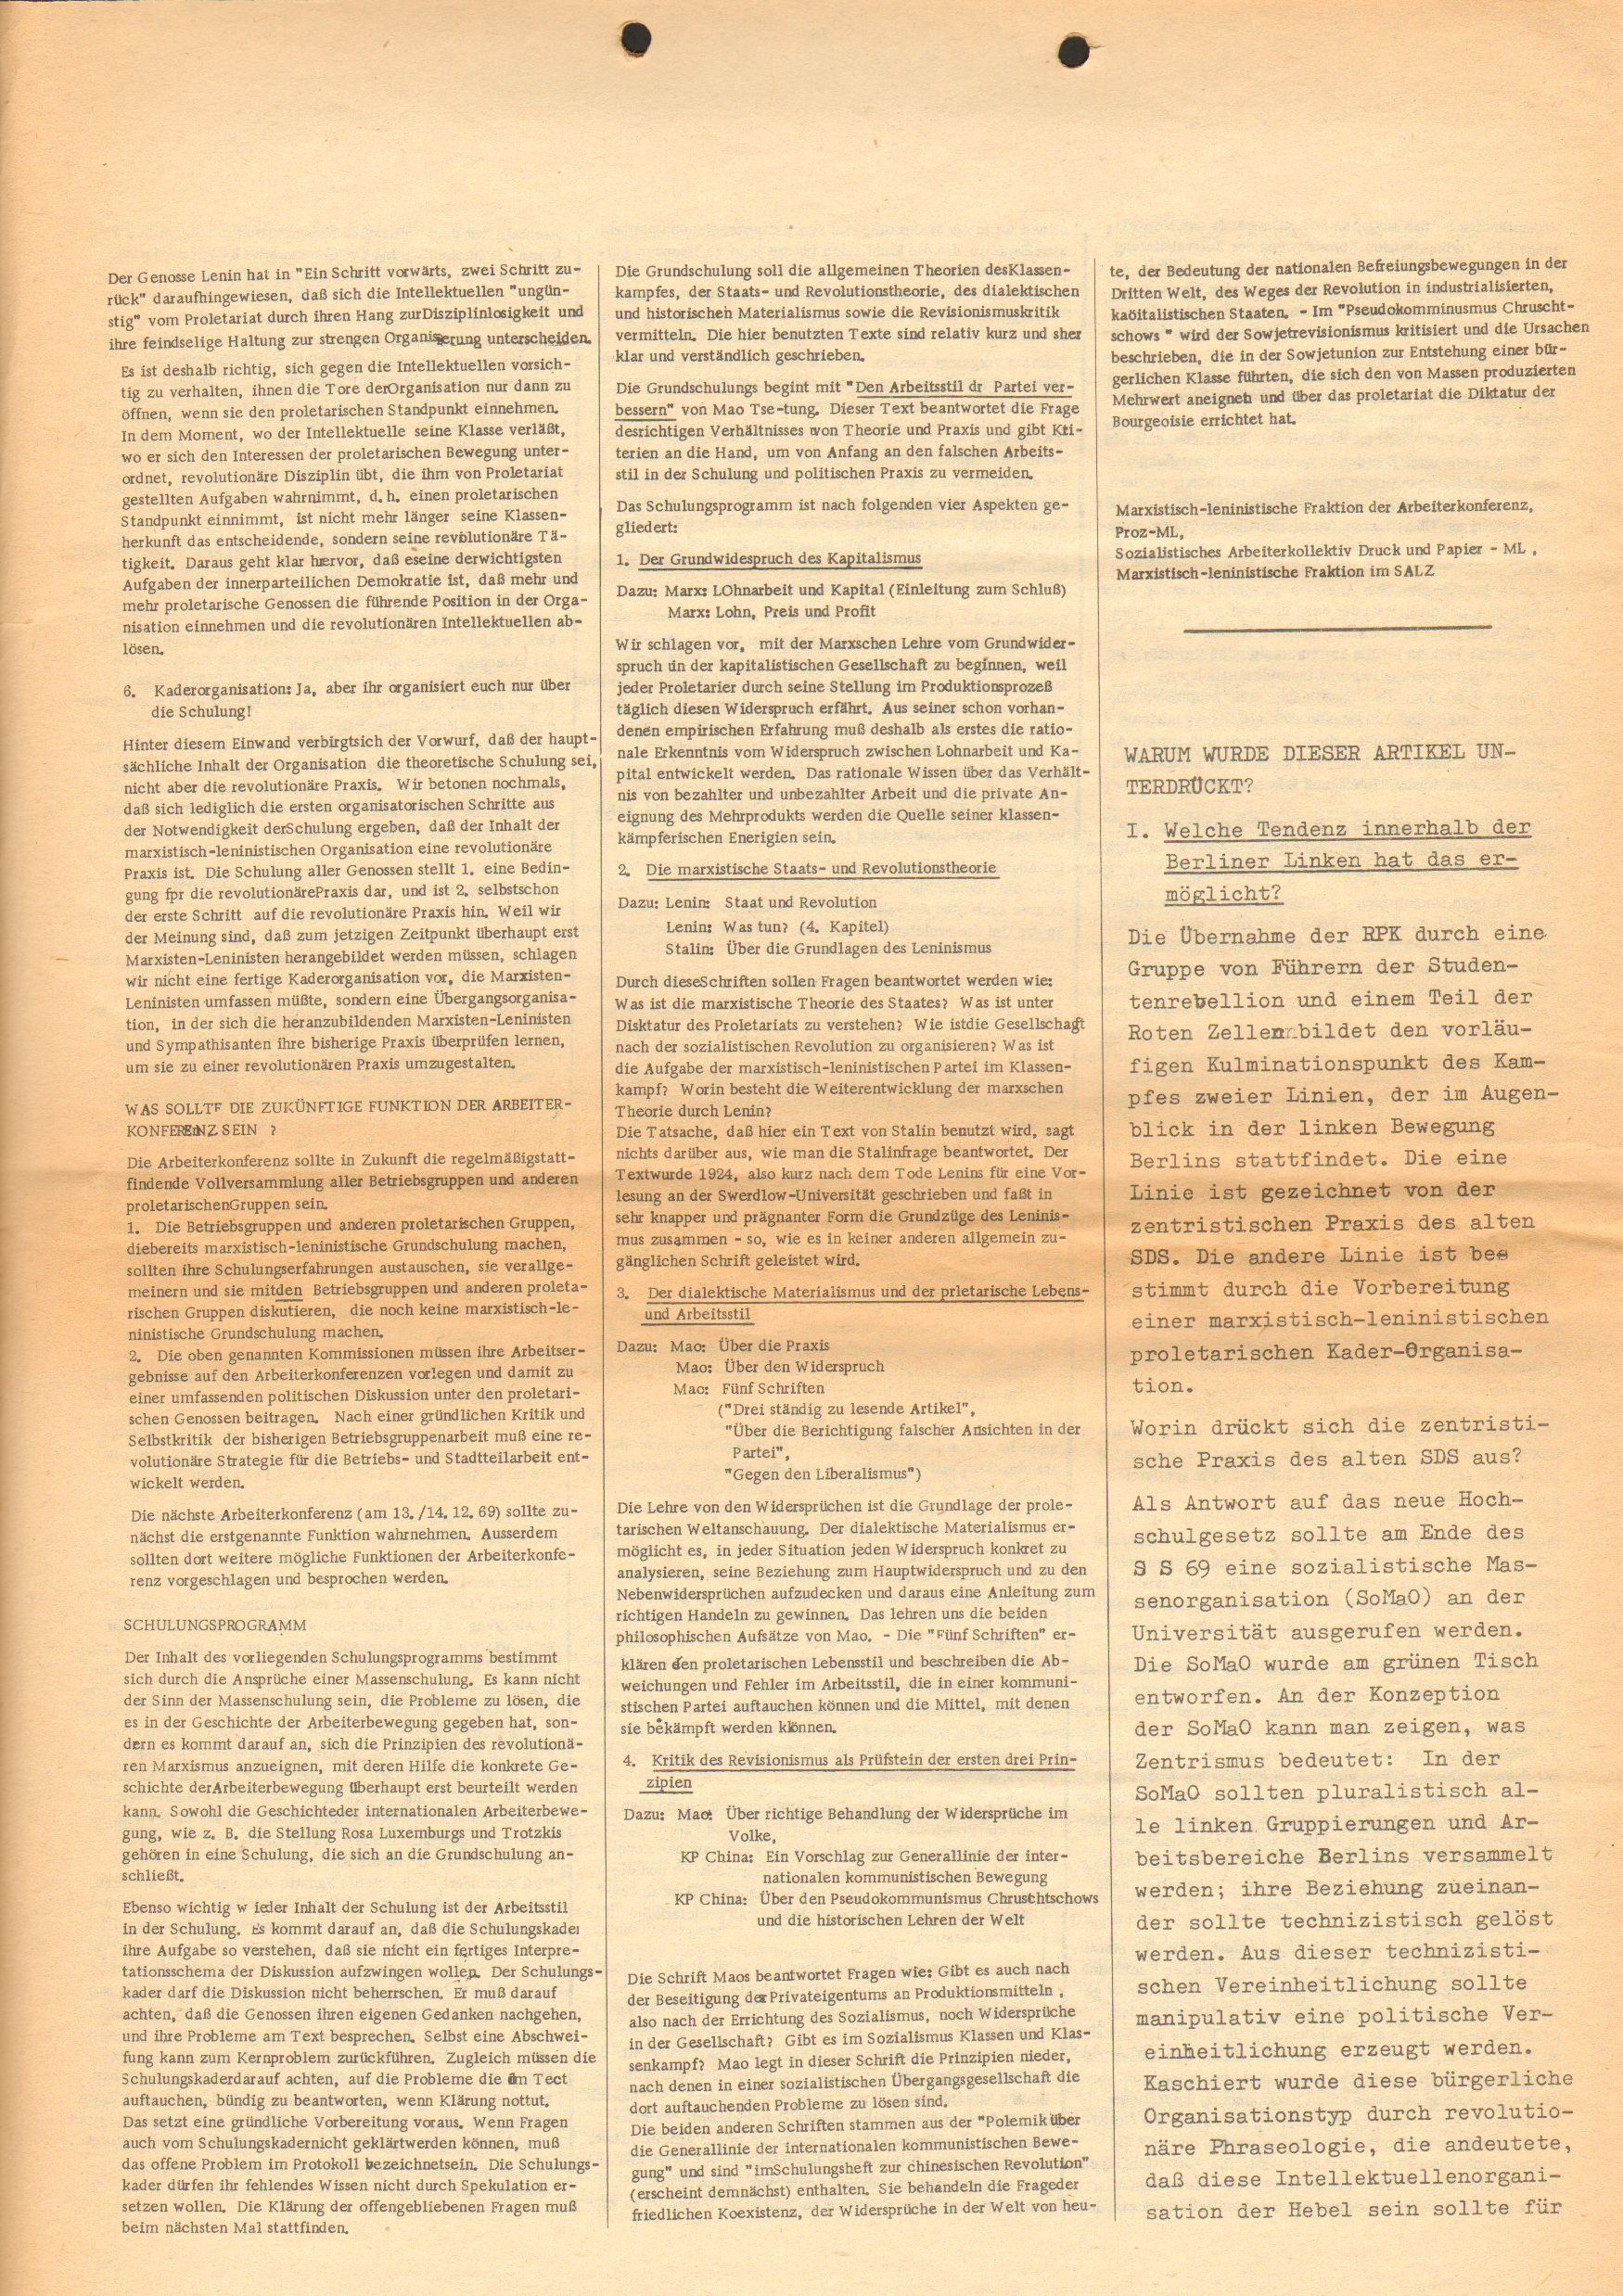 MLWestberlin_1969_Kampf_zweier_Linien_06